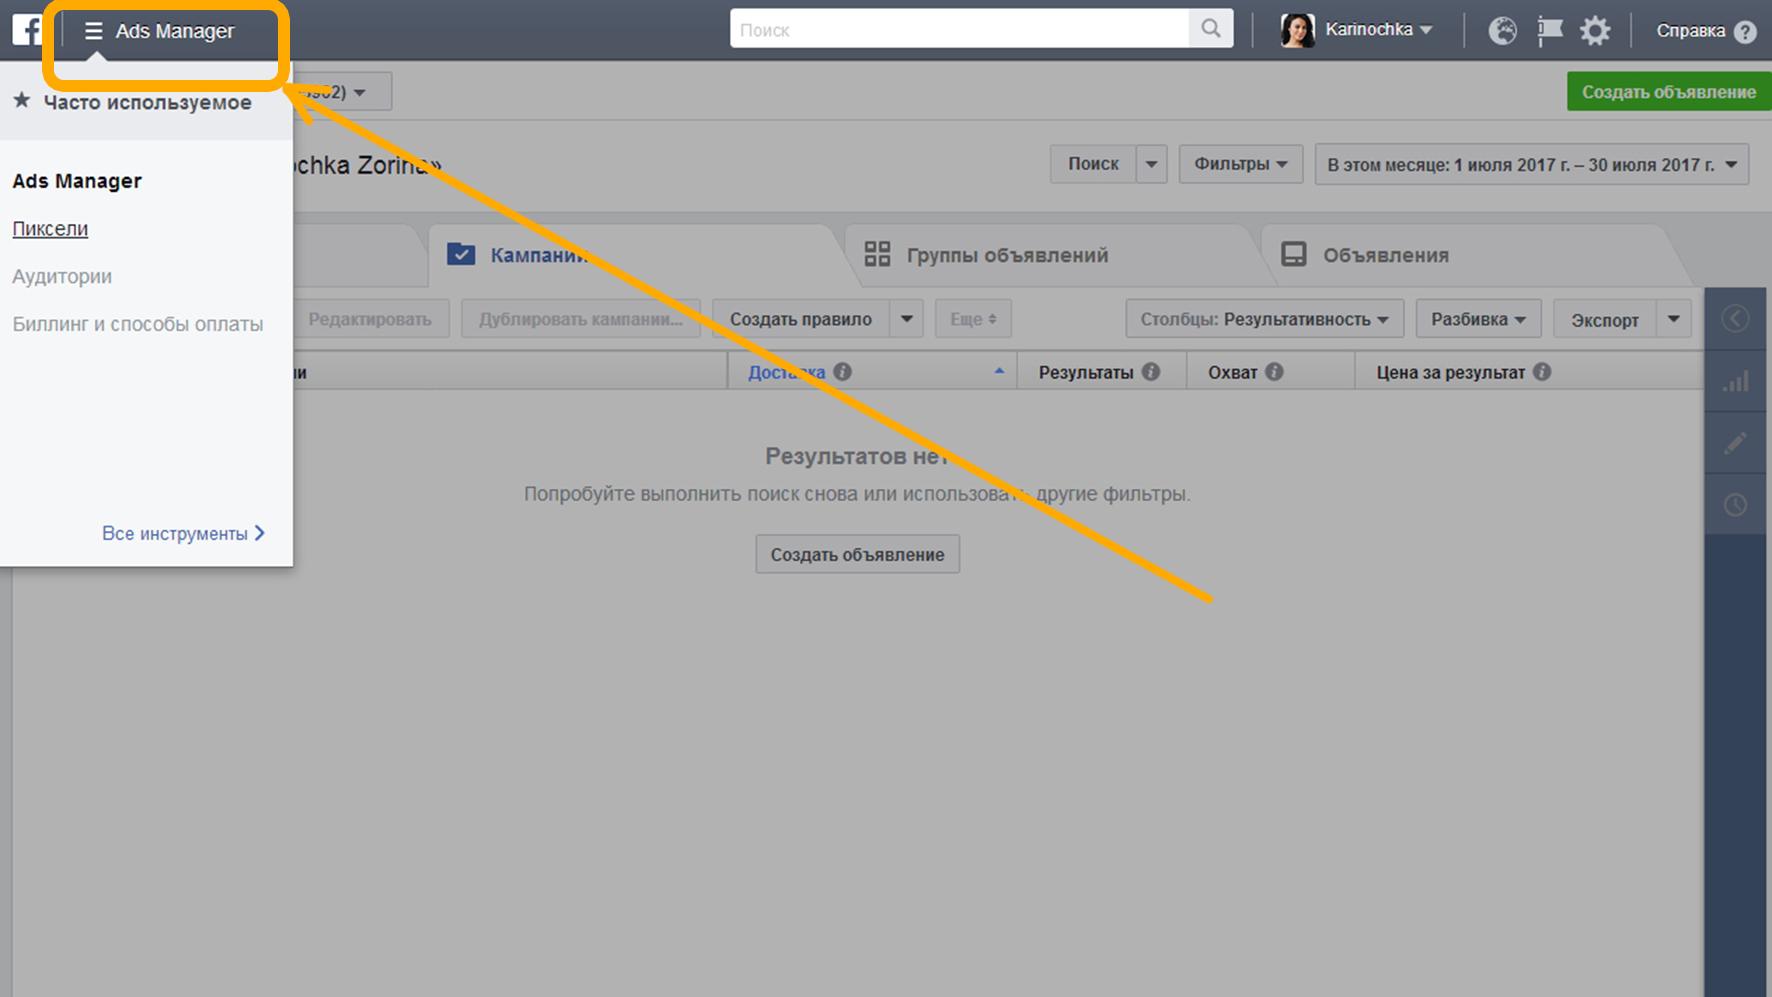 Визуальное изображение кнопки со стрелкой, нажав на которую, пользователь получает доступ и открывает меню категорий.